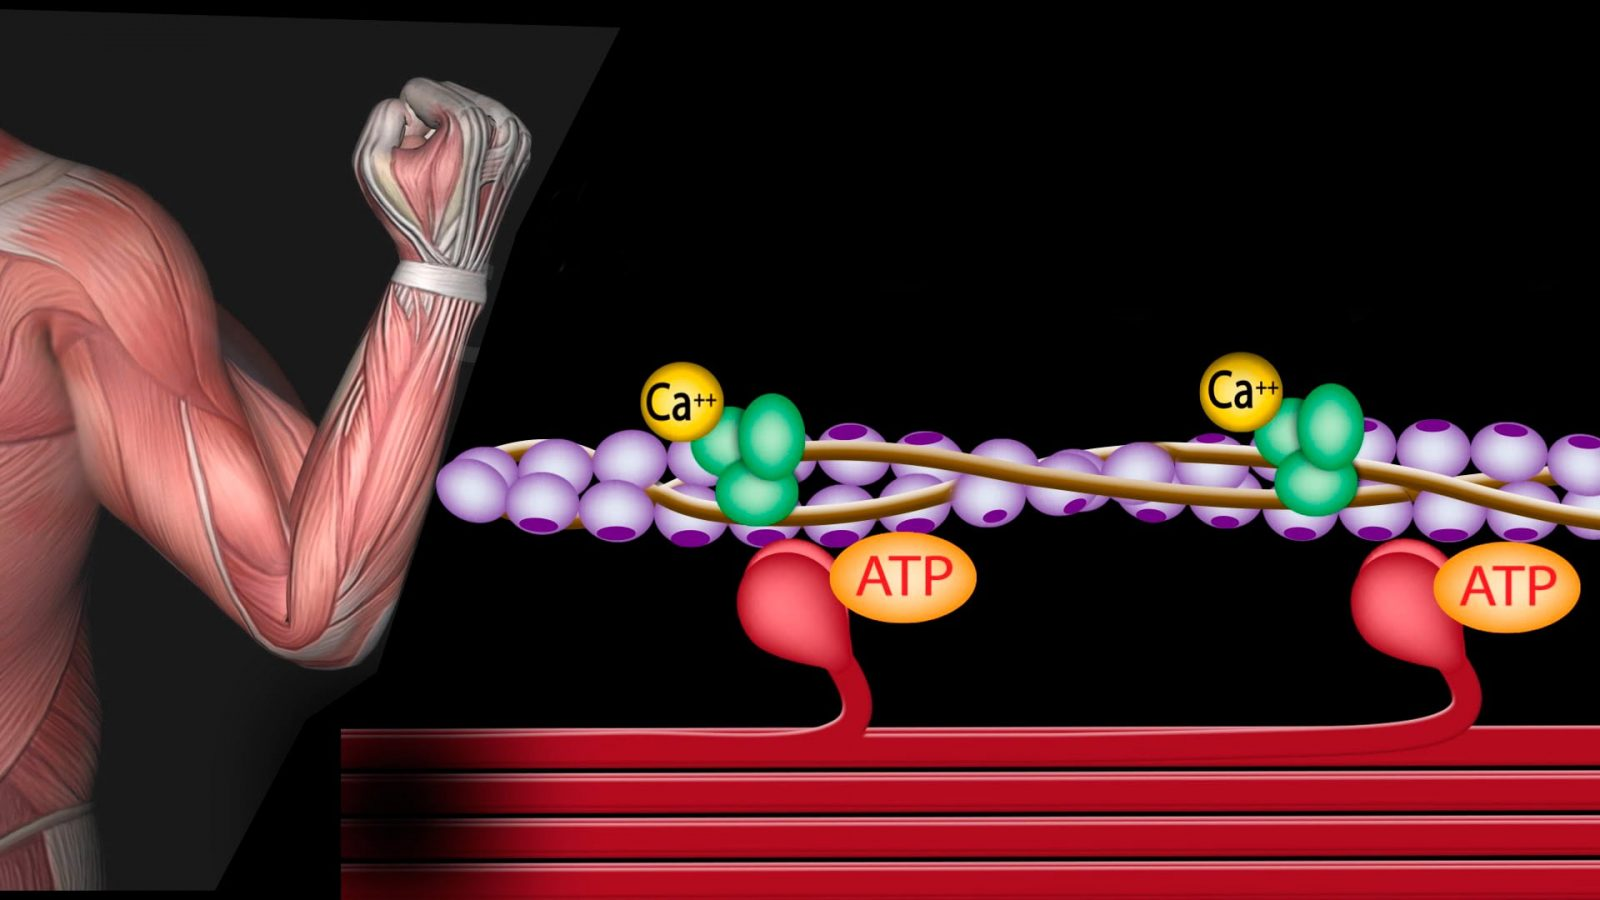 Мышечное сокращение. Характеристика и механизм мышечного сокращения